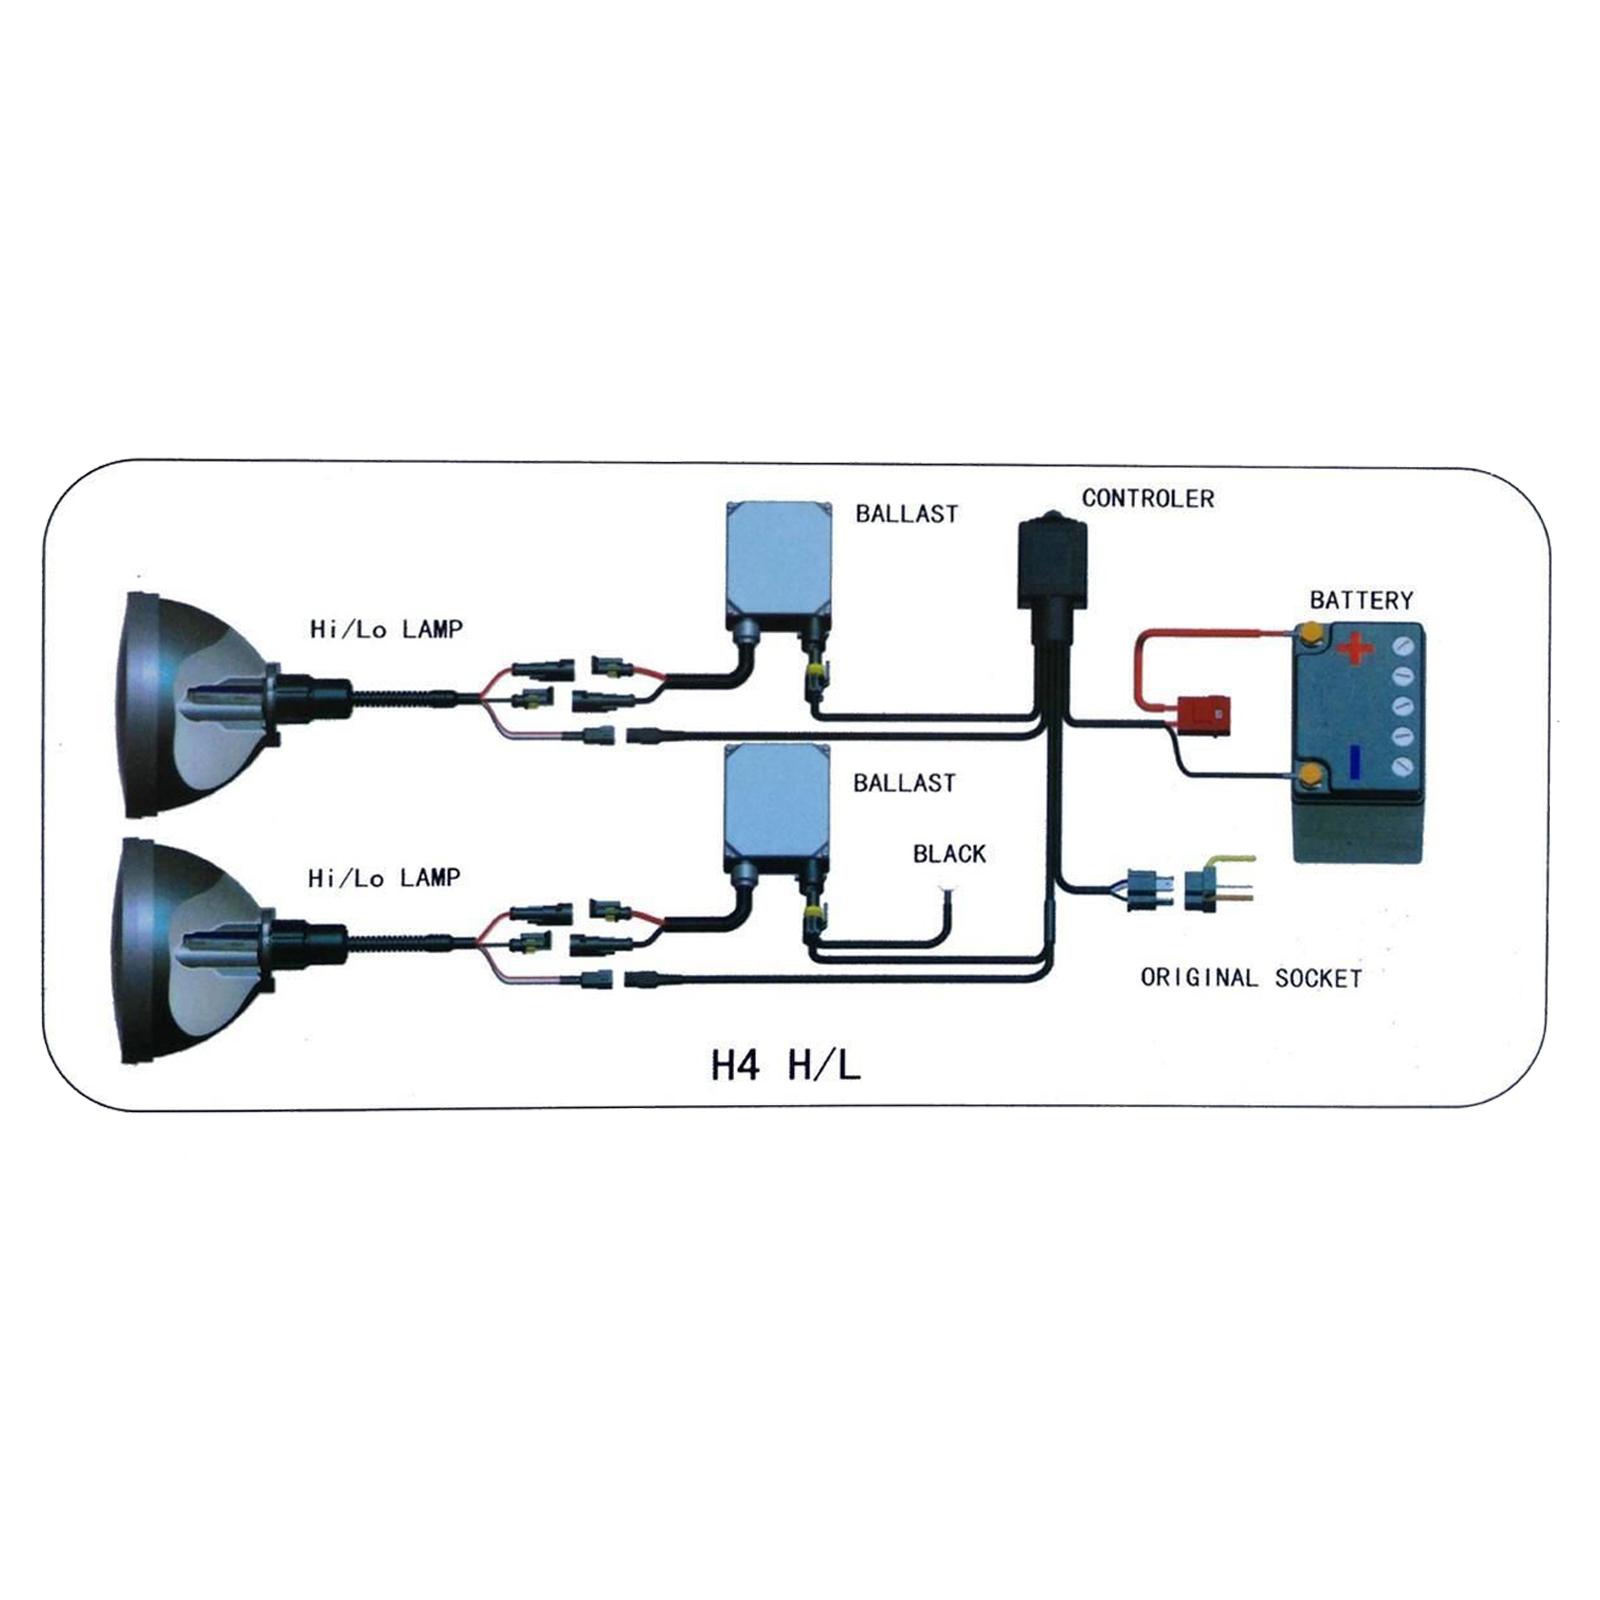 FC_4184] Holden Colorado Wiring Diagram Wiring Diagram | Spotlight Wiring Diagram Holden Colorado |  | Lline Redne Exmet Mohammedshrine Librar Wiring 101